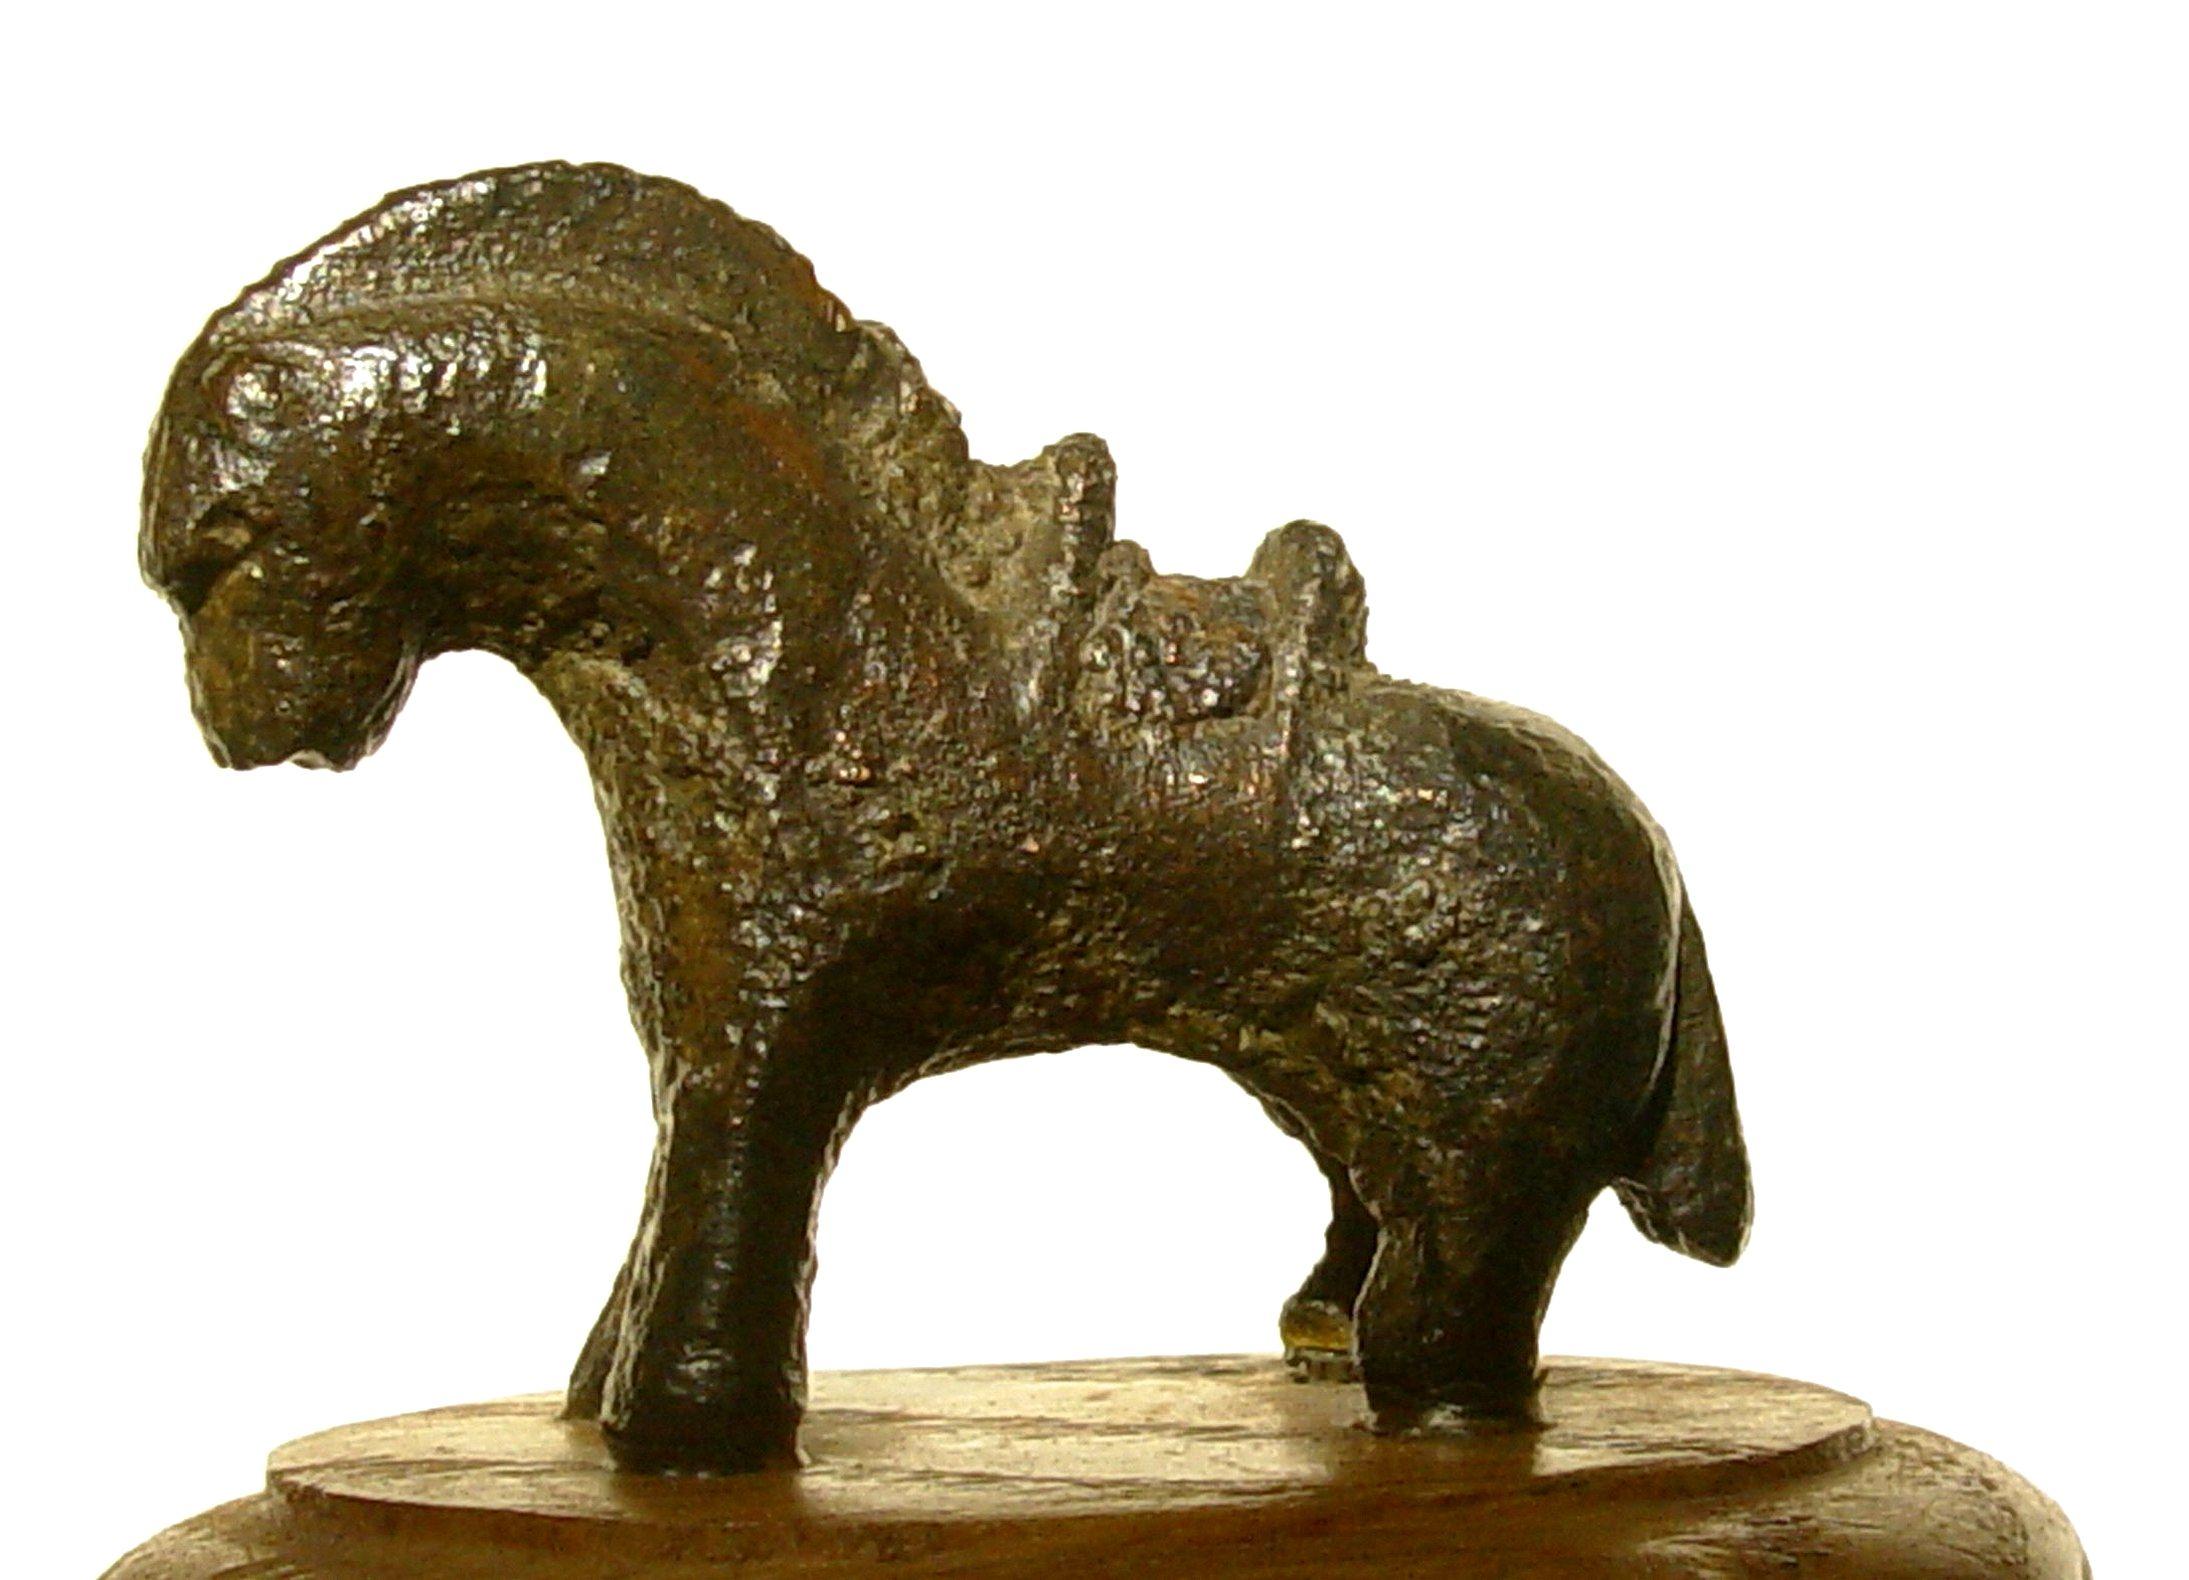 Bronzen paardje uit Sluis, lengte 5,5 cm (foto H. Hendrikse).